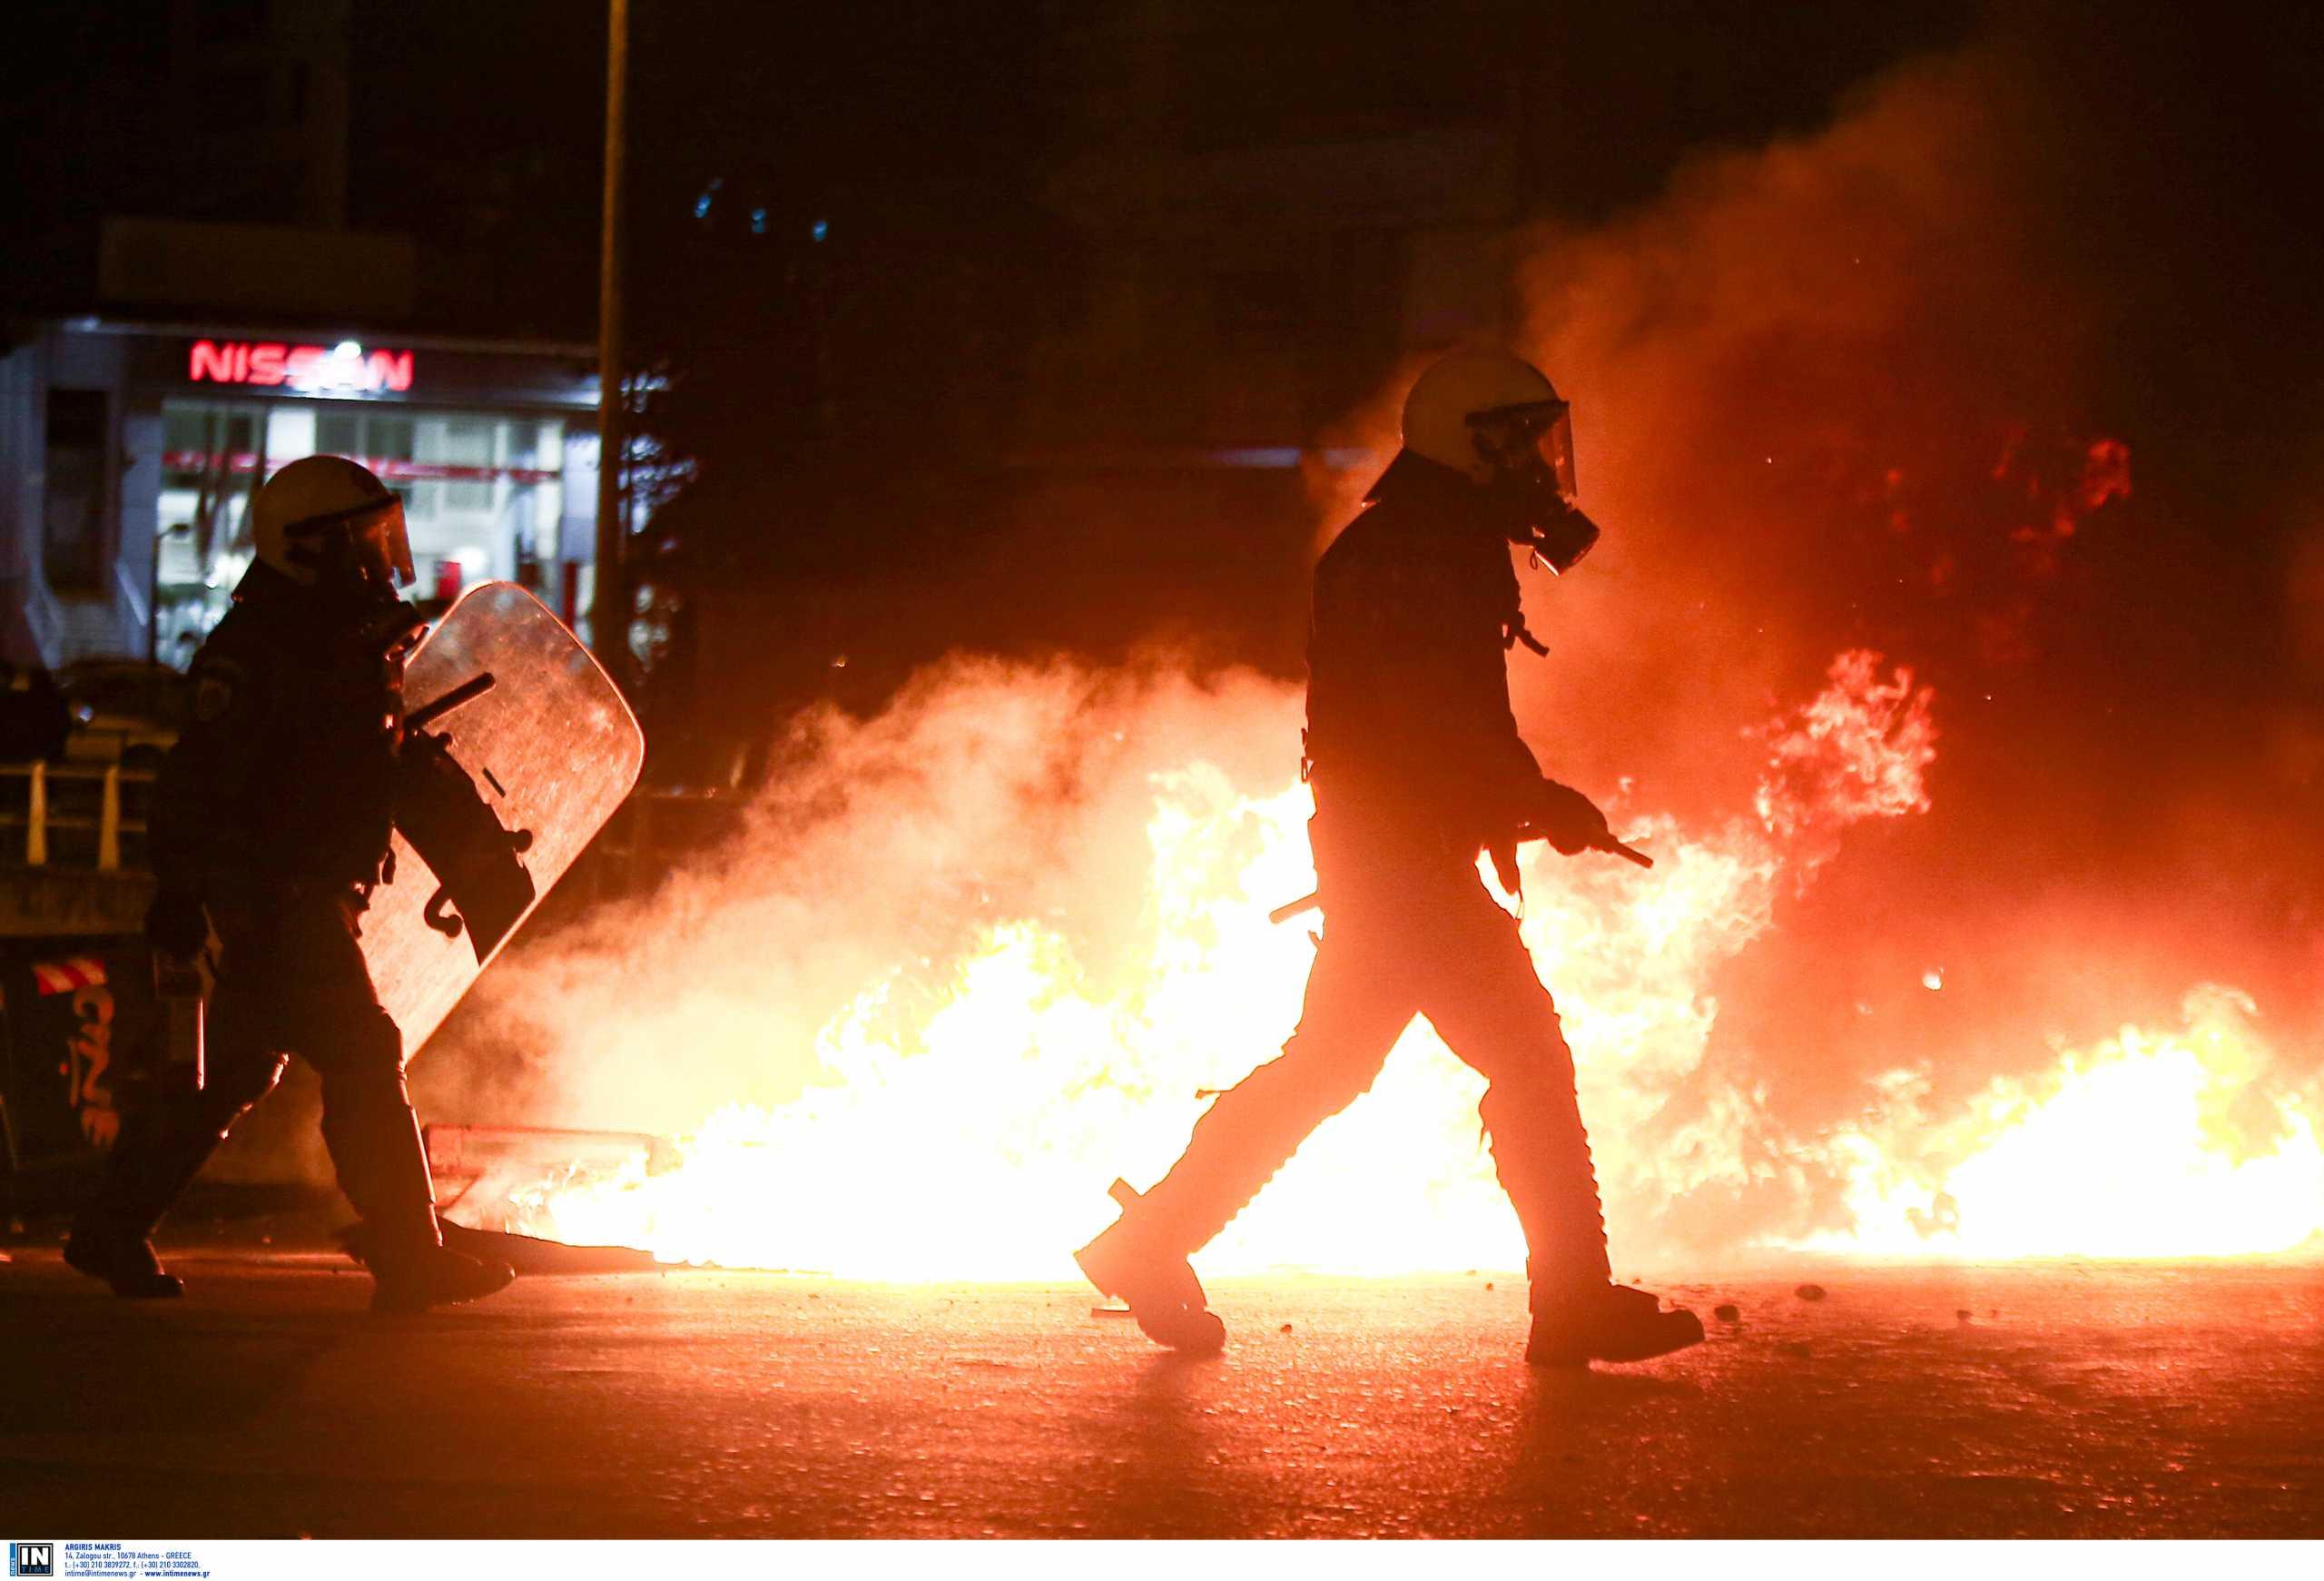 Σε 20 μέρες ολοκληρώνεται το μεγαλύτερο κομμάτι  έρευνας για αυθαιρεσία αστυνομικών στη Νεα Σμύρνη